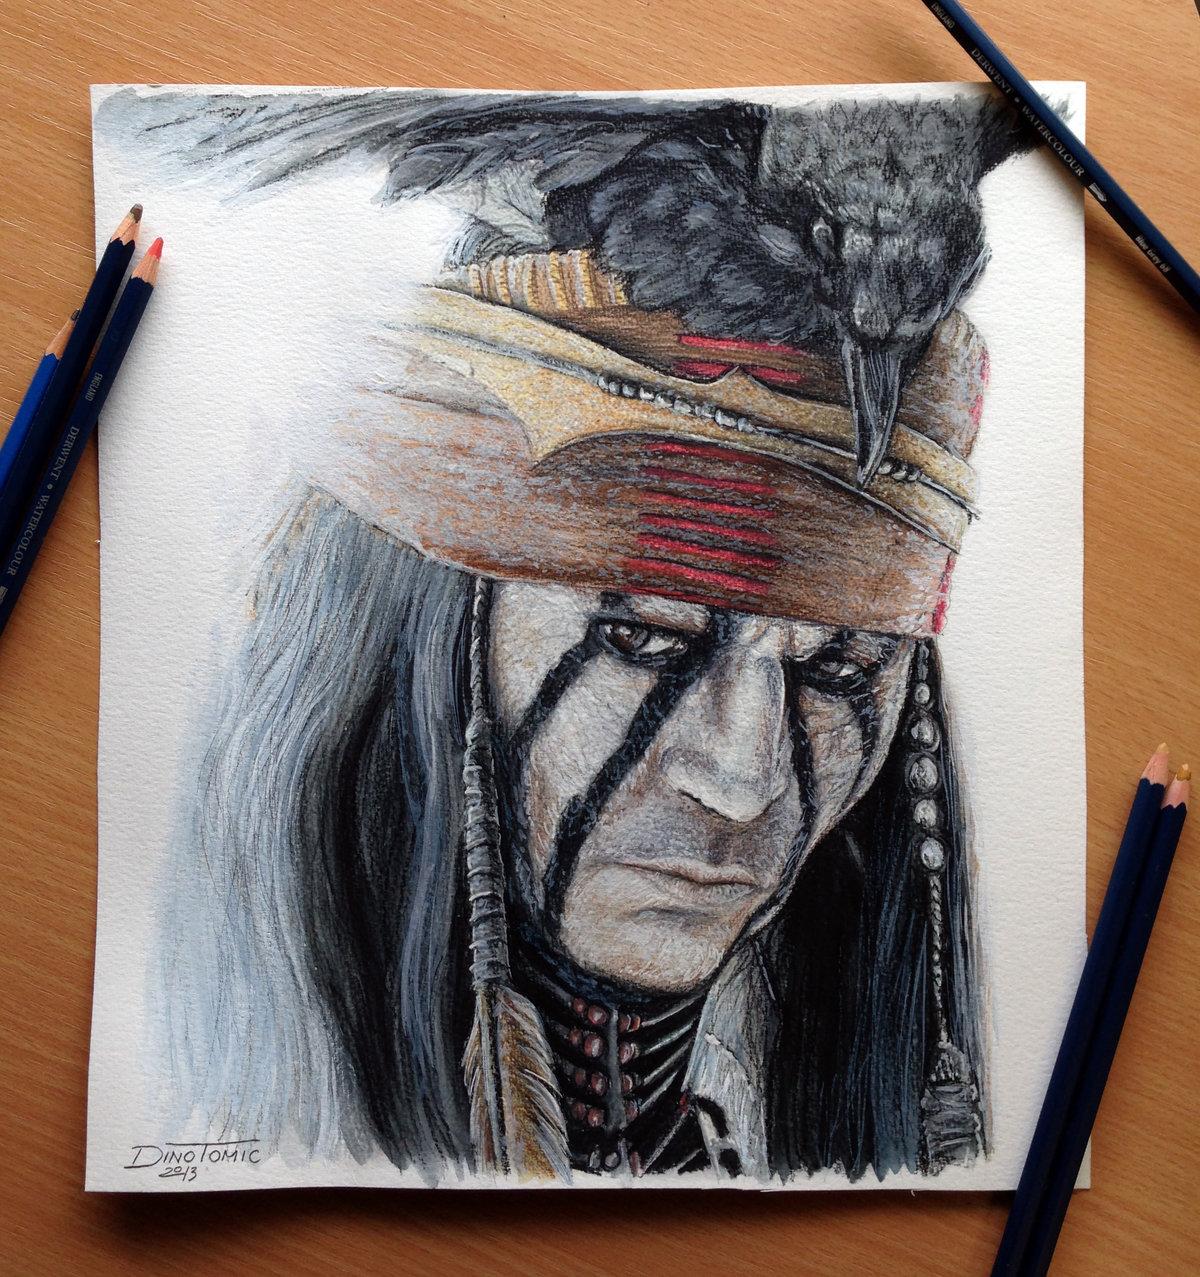 Детям, профессиональные рисунки карандашом крутые